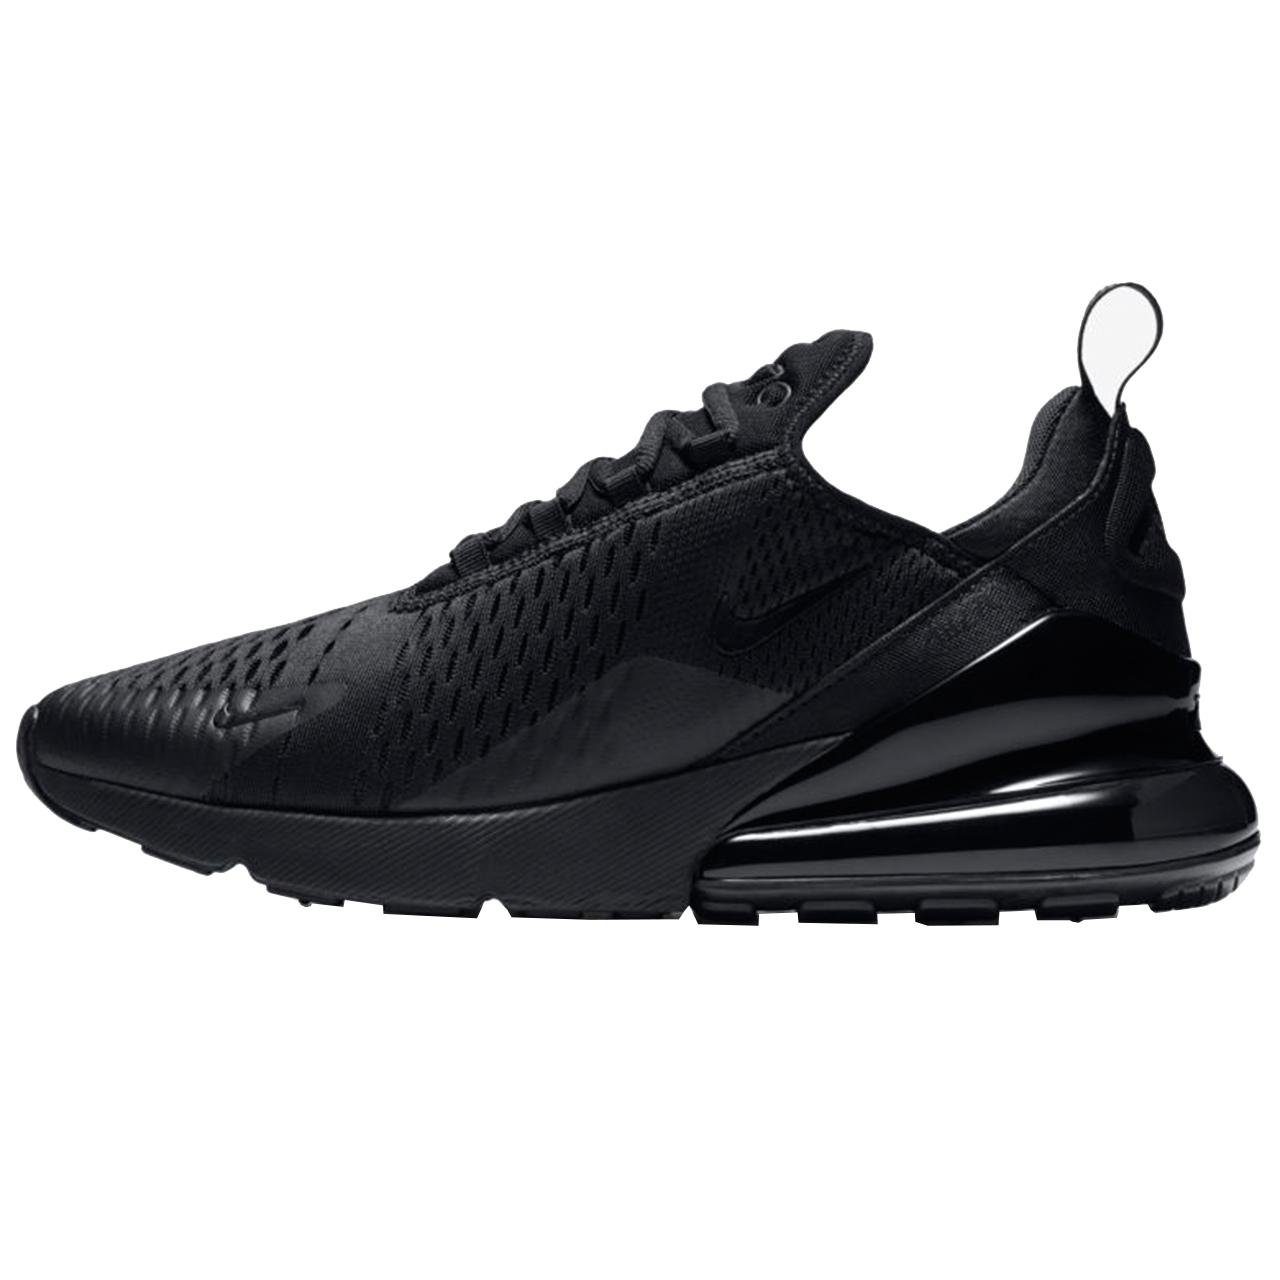 قیمت کفش ورزشی مردانه نایکی مدل Air Max 270 - AH8050-005